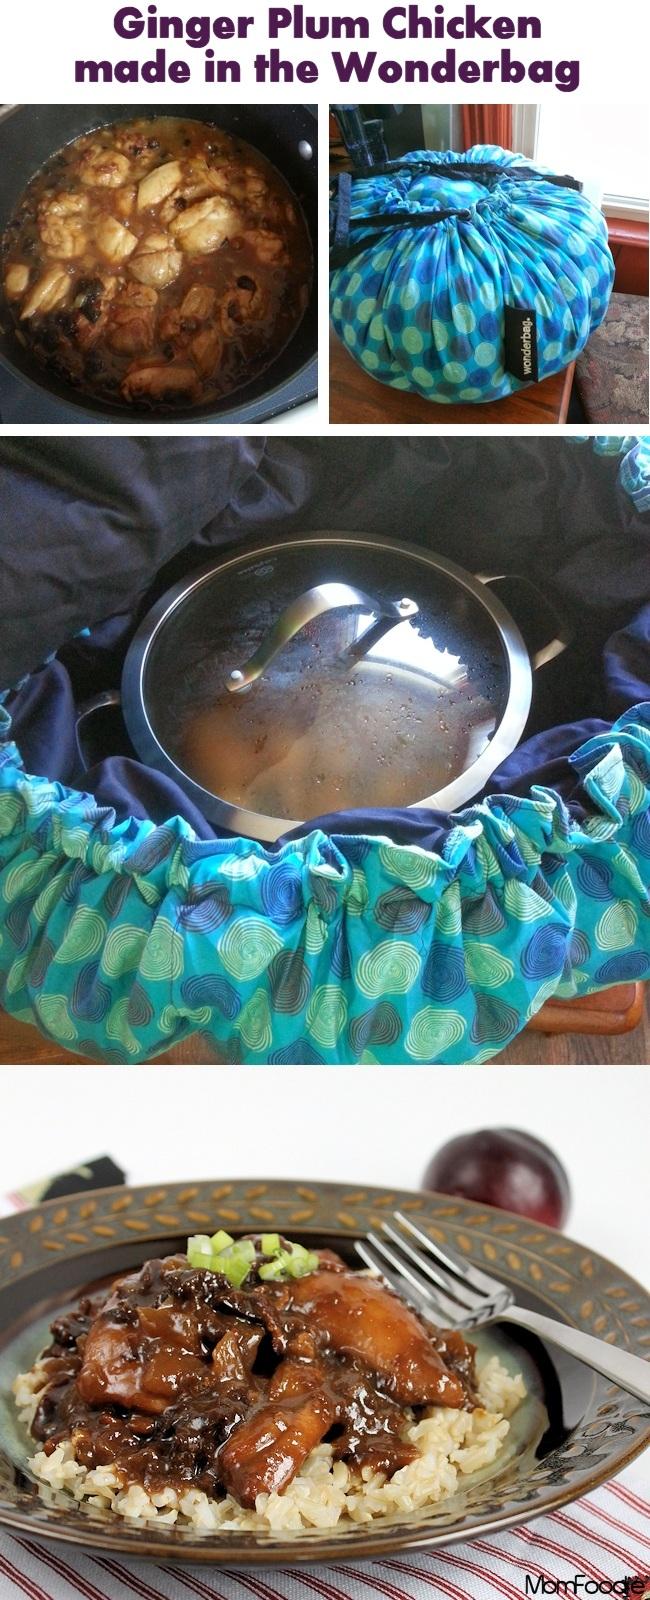 Cooking chicken in a wonderbag